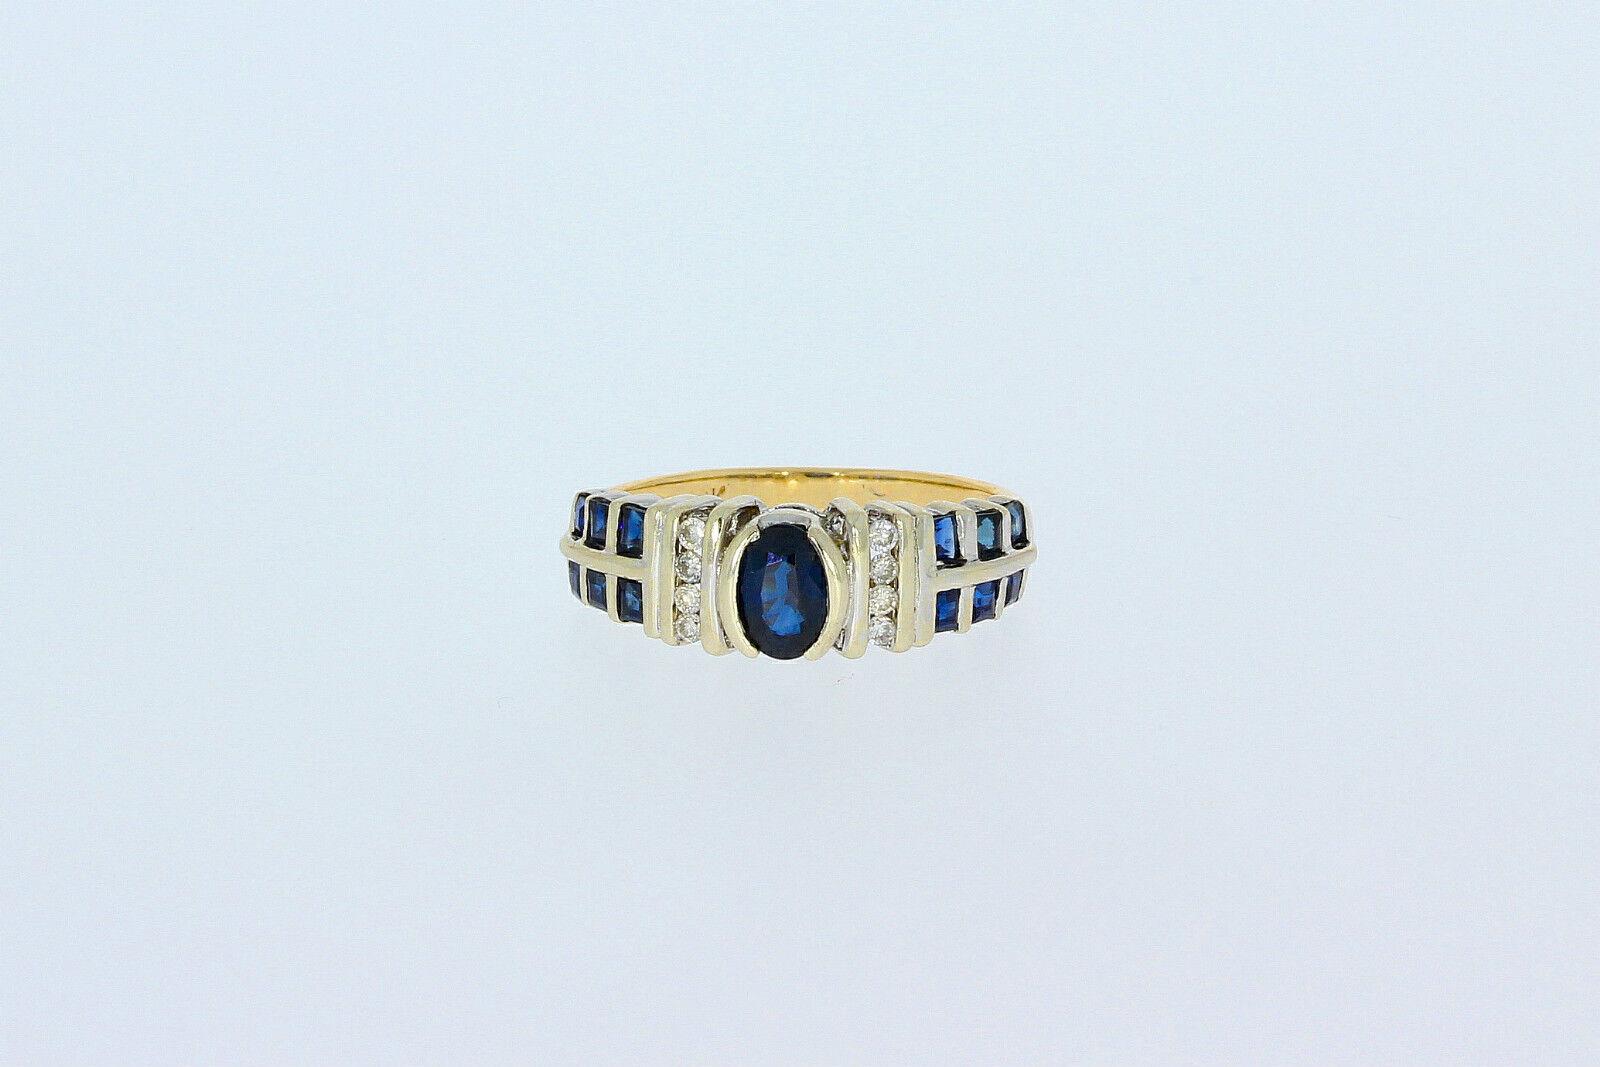 596-585er yellowgold Ring mit Brillianten+Saphir Ringgroße 54,5 Gewicht 3,4 gramm